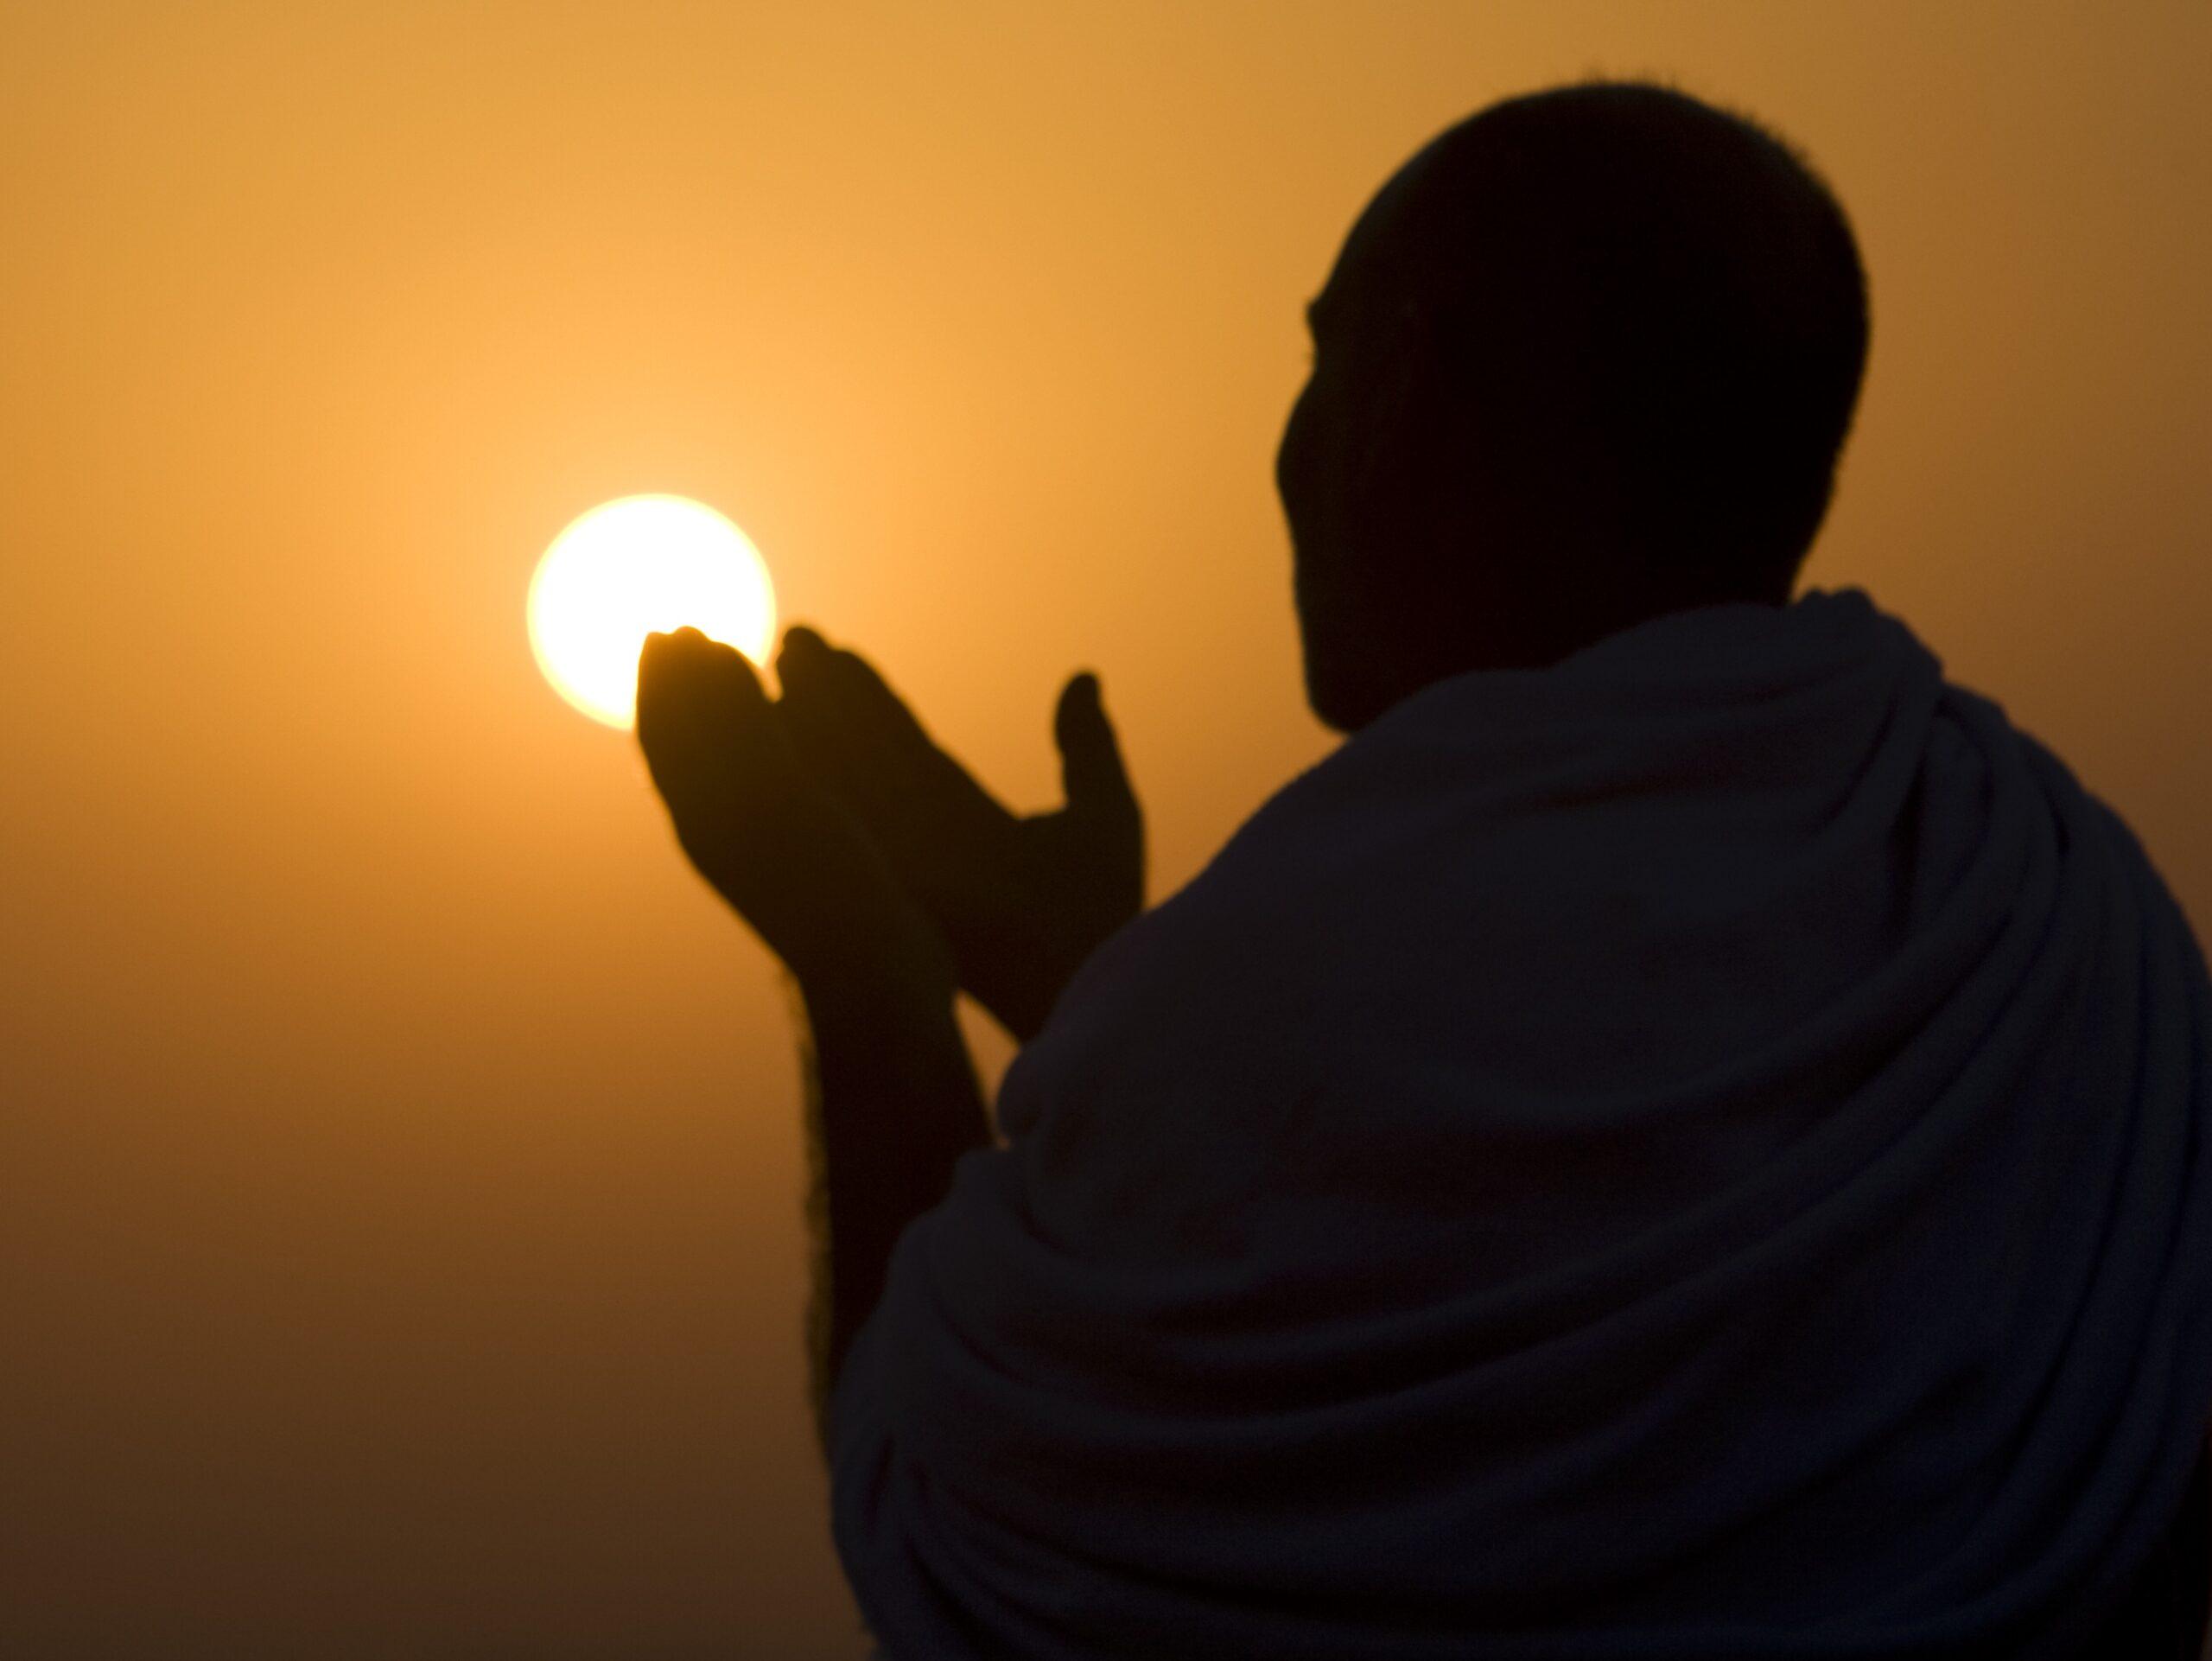 Kötülüklerden Korunma Duaları Nelerdir?